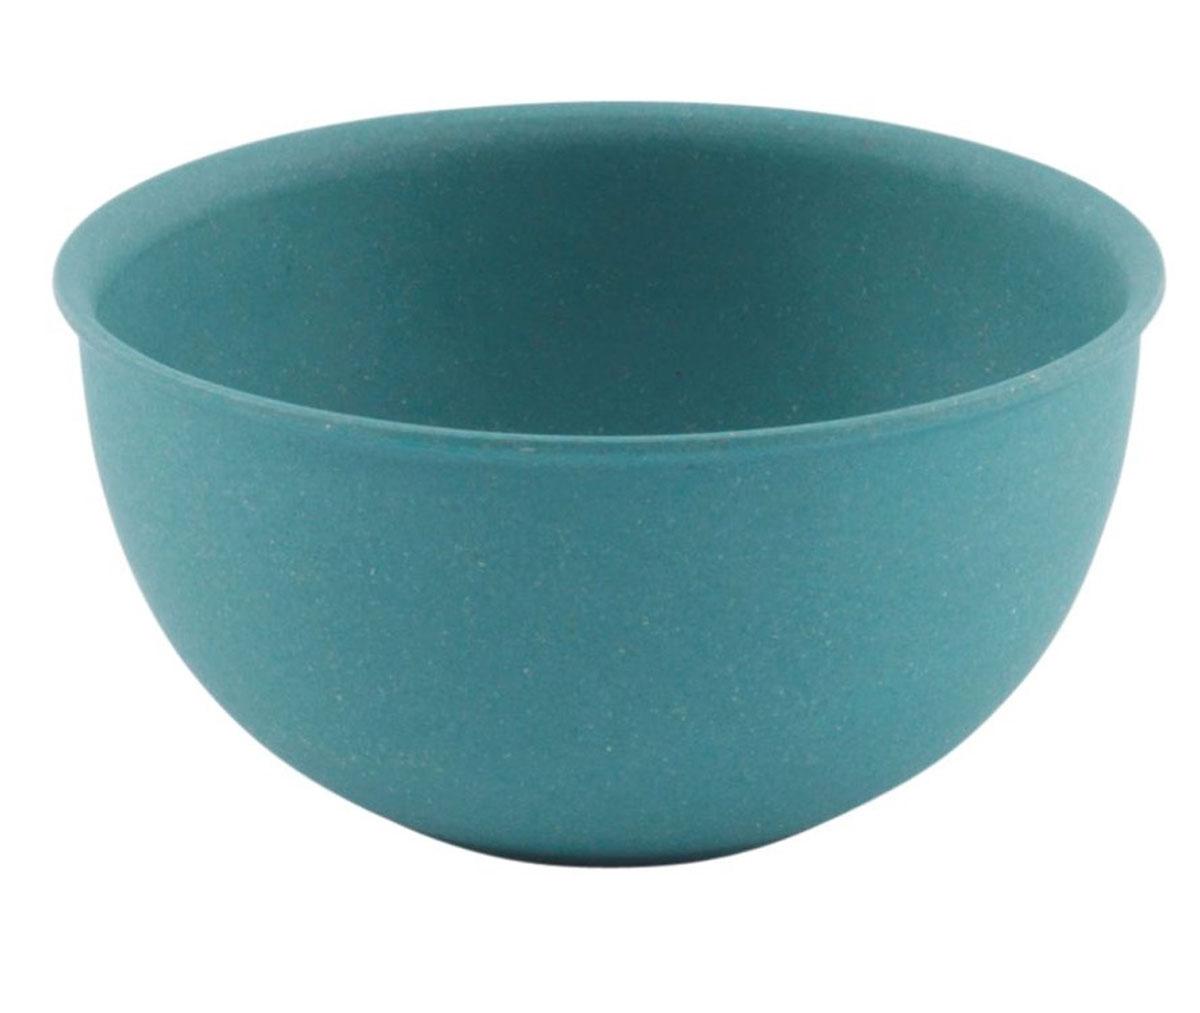 Миска Outwell Bamboo Ocean Bowl S, цвет: бирюзовый650286Миска Outwell Bamboo Ocean Bowl S изготовлена из высококачественного биоразлагаемого бамбука. Посуда из бамбука экологична, обладает высокими гигиеническими свойствами. Миска легкая, разбить ее гораздо сложнее, чем стеклянную.Такую кружку по достоинству оценят туристы, делающие выбор в пользу экологически чистых материалов.